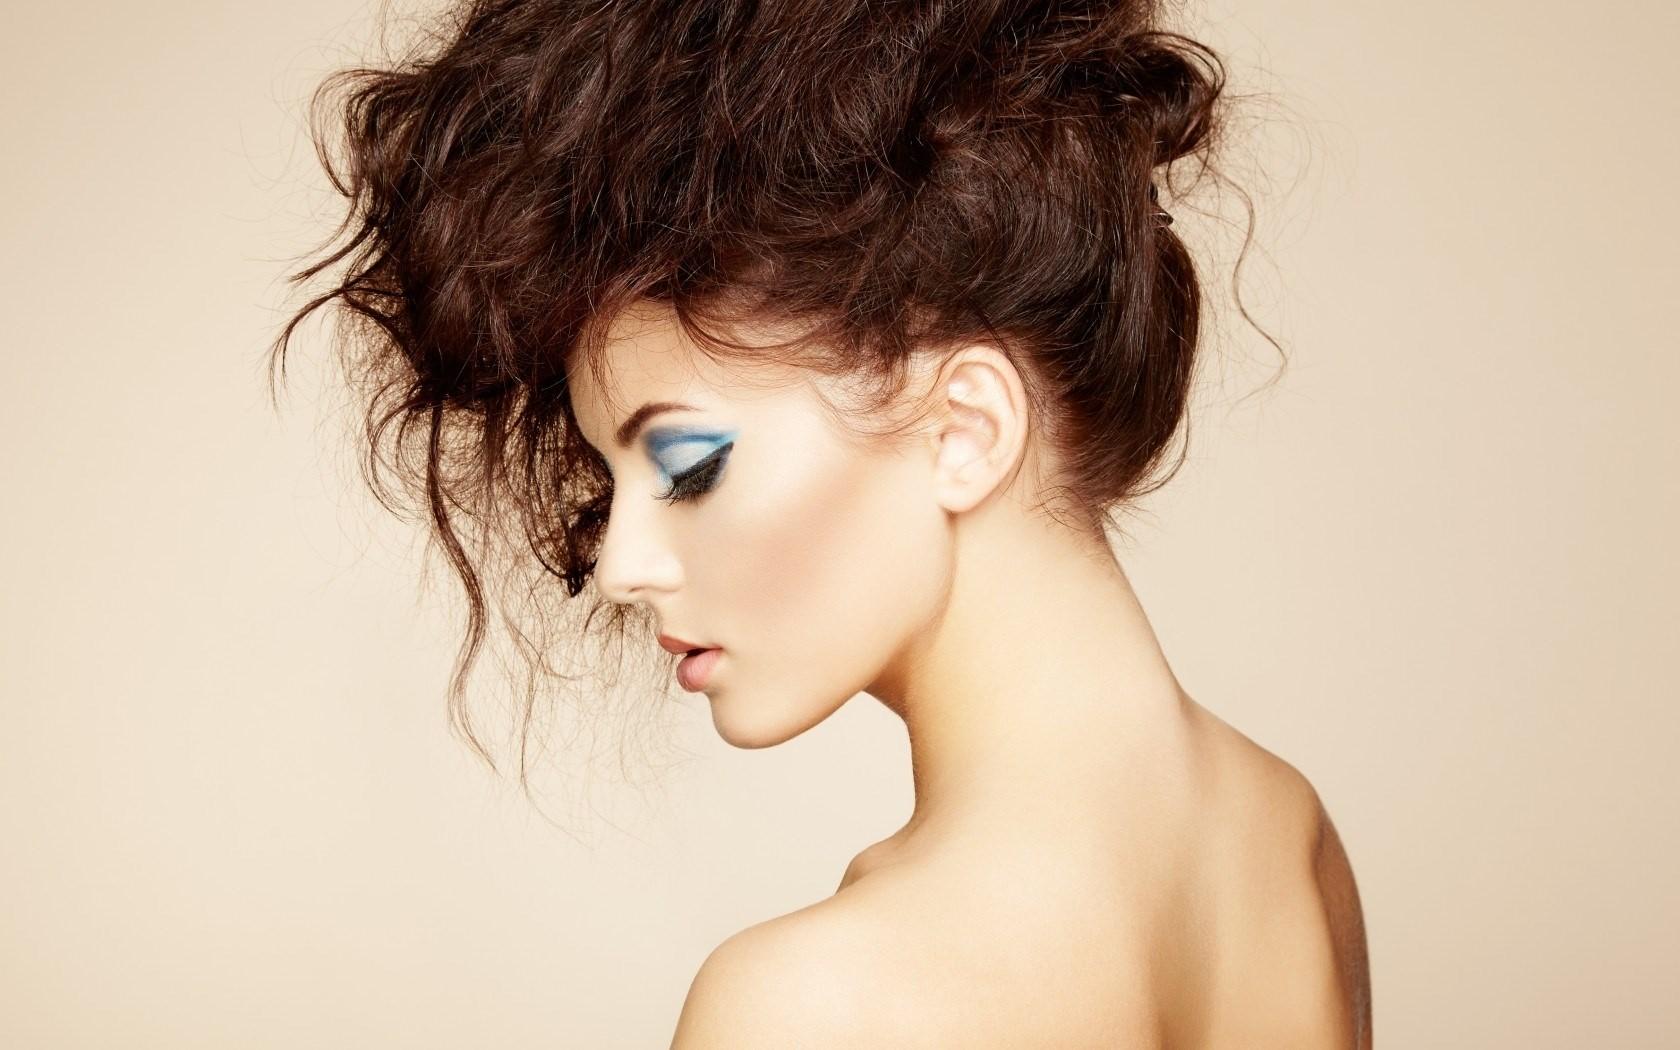 sfondi viso donne testa rossa sfondo semplice capelli lunghi trucco profilo capelli neri naso pelle capo ragazza bellezza occhio donna